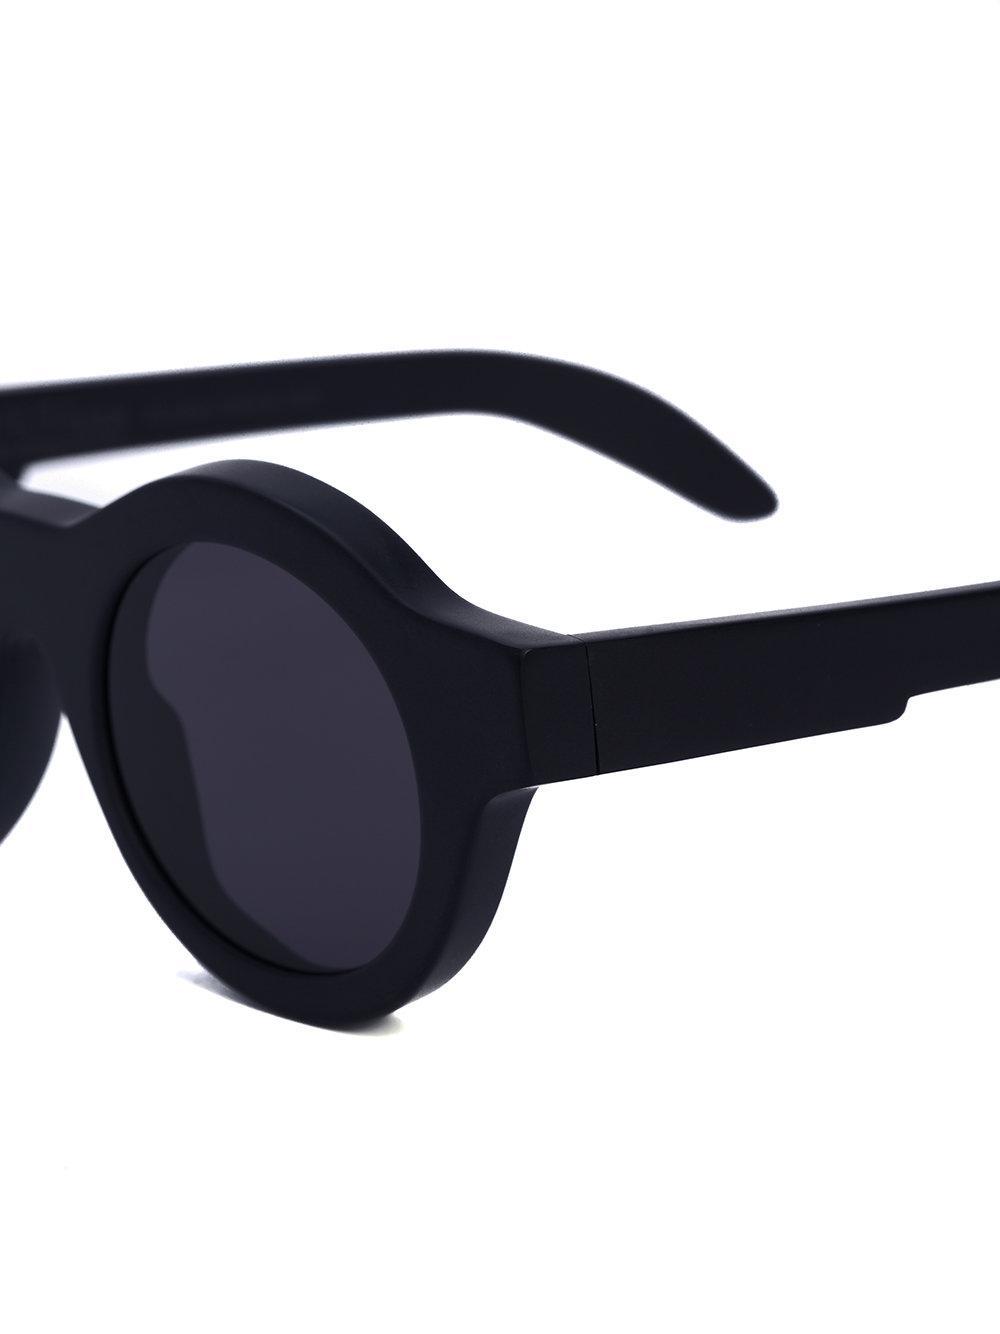 Kuboraum Round Tinted Sunglasses in Black